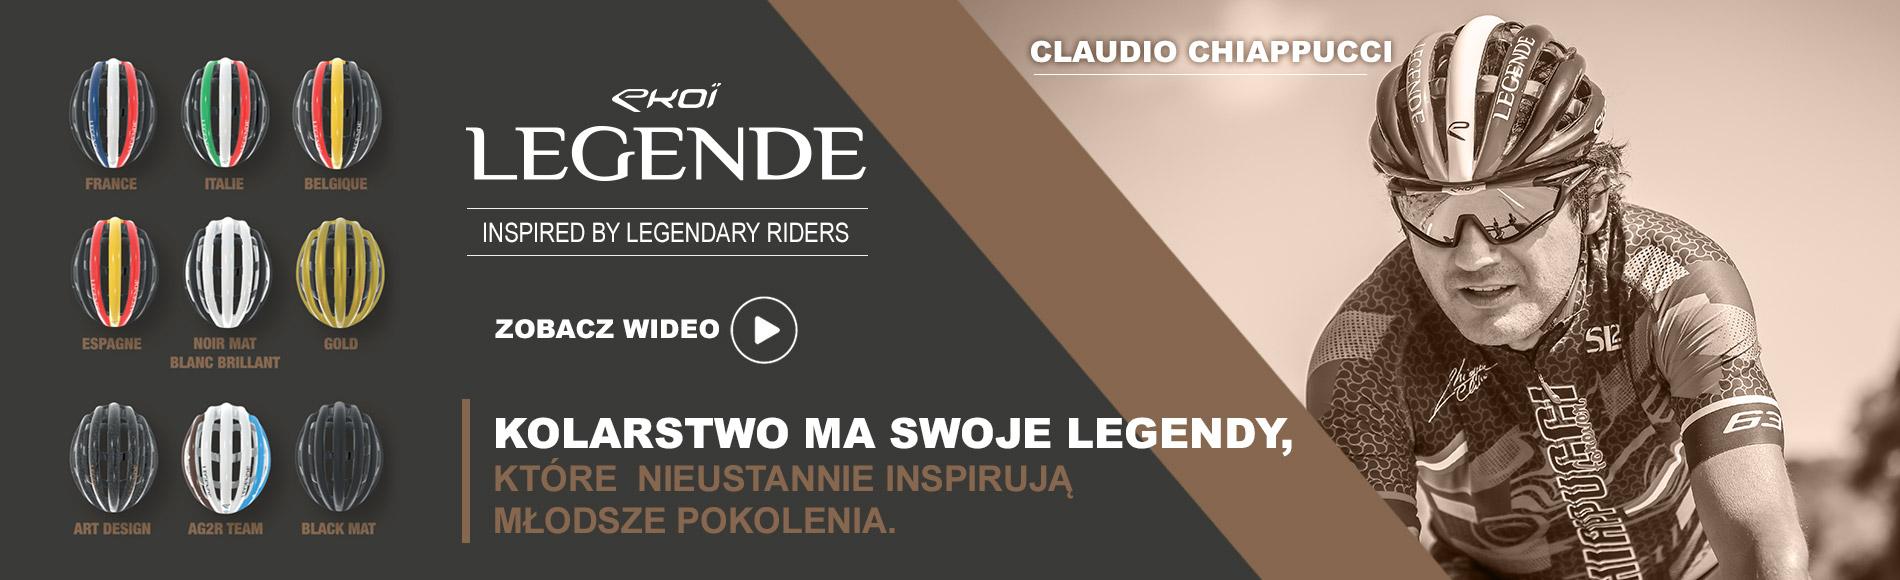 Casque EKOI LEGENDE Claudio Chiappucci